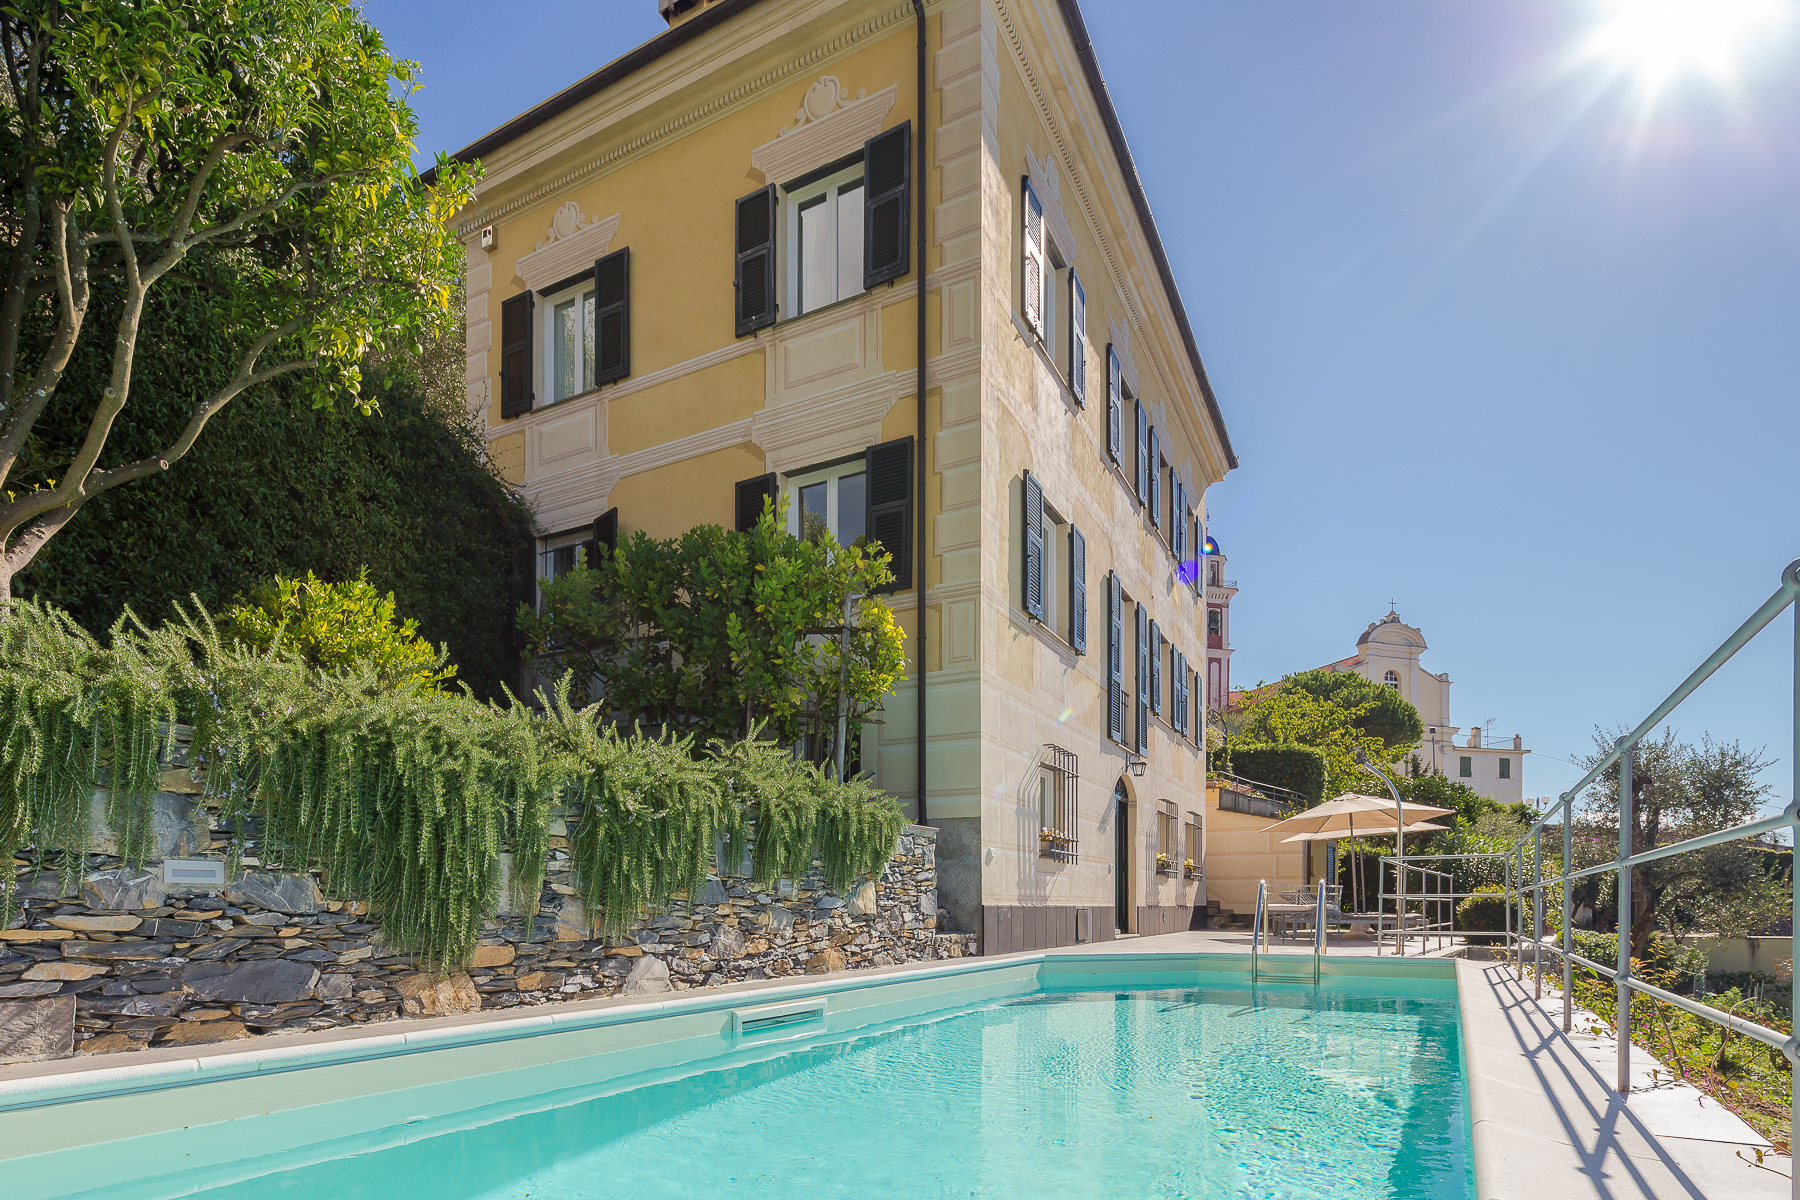 Villa in Vendita a Chiavari: 5 locali, 400 mq - Foto 12